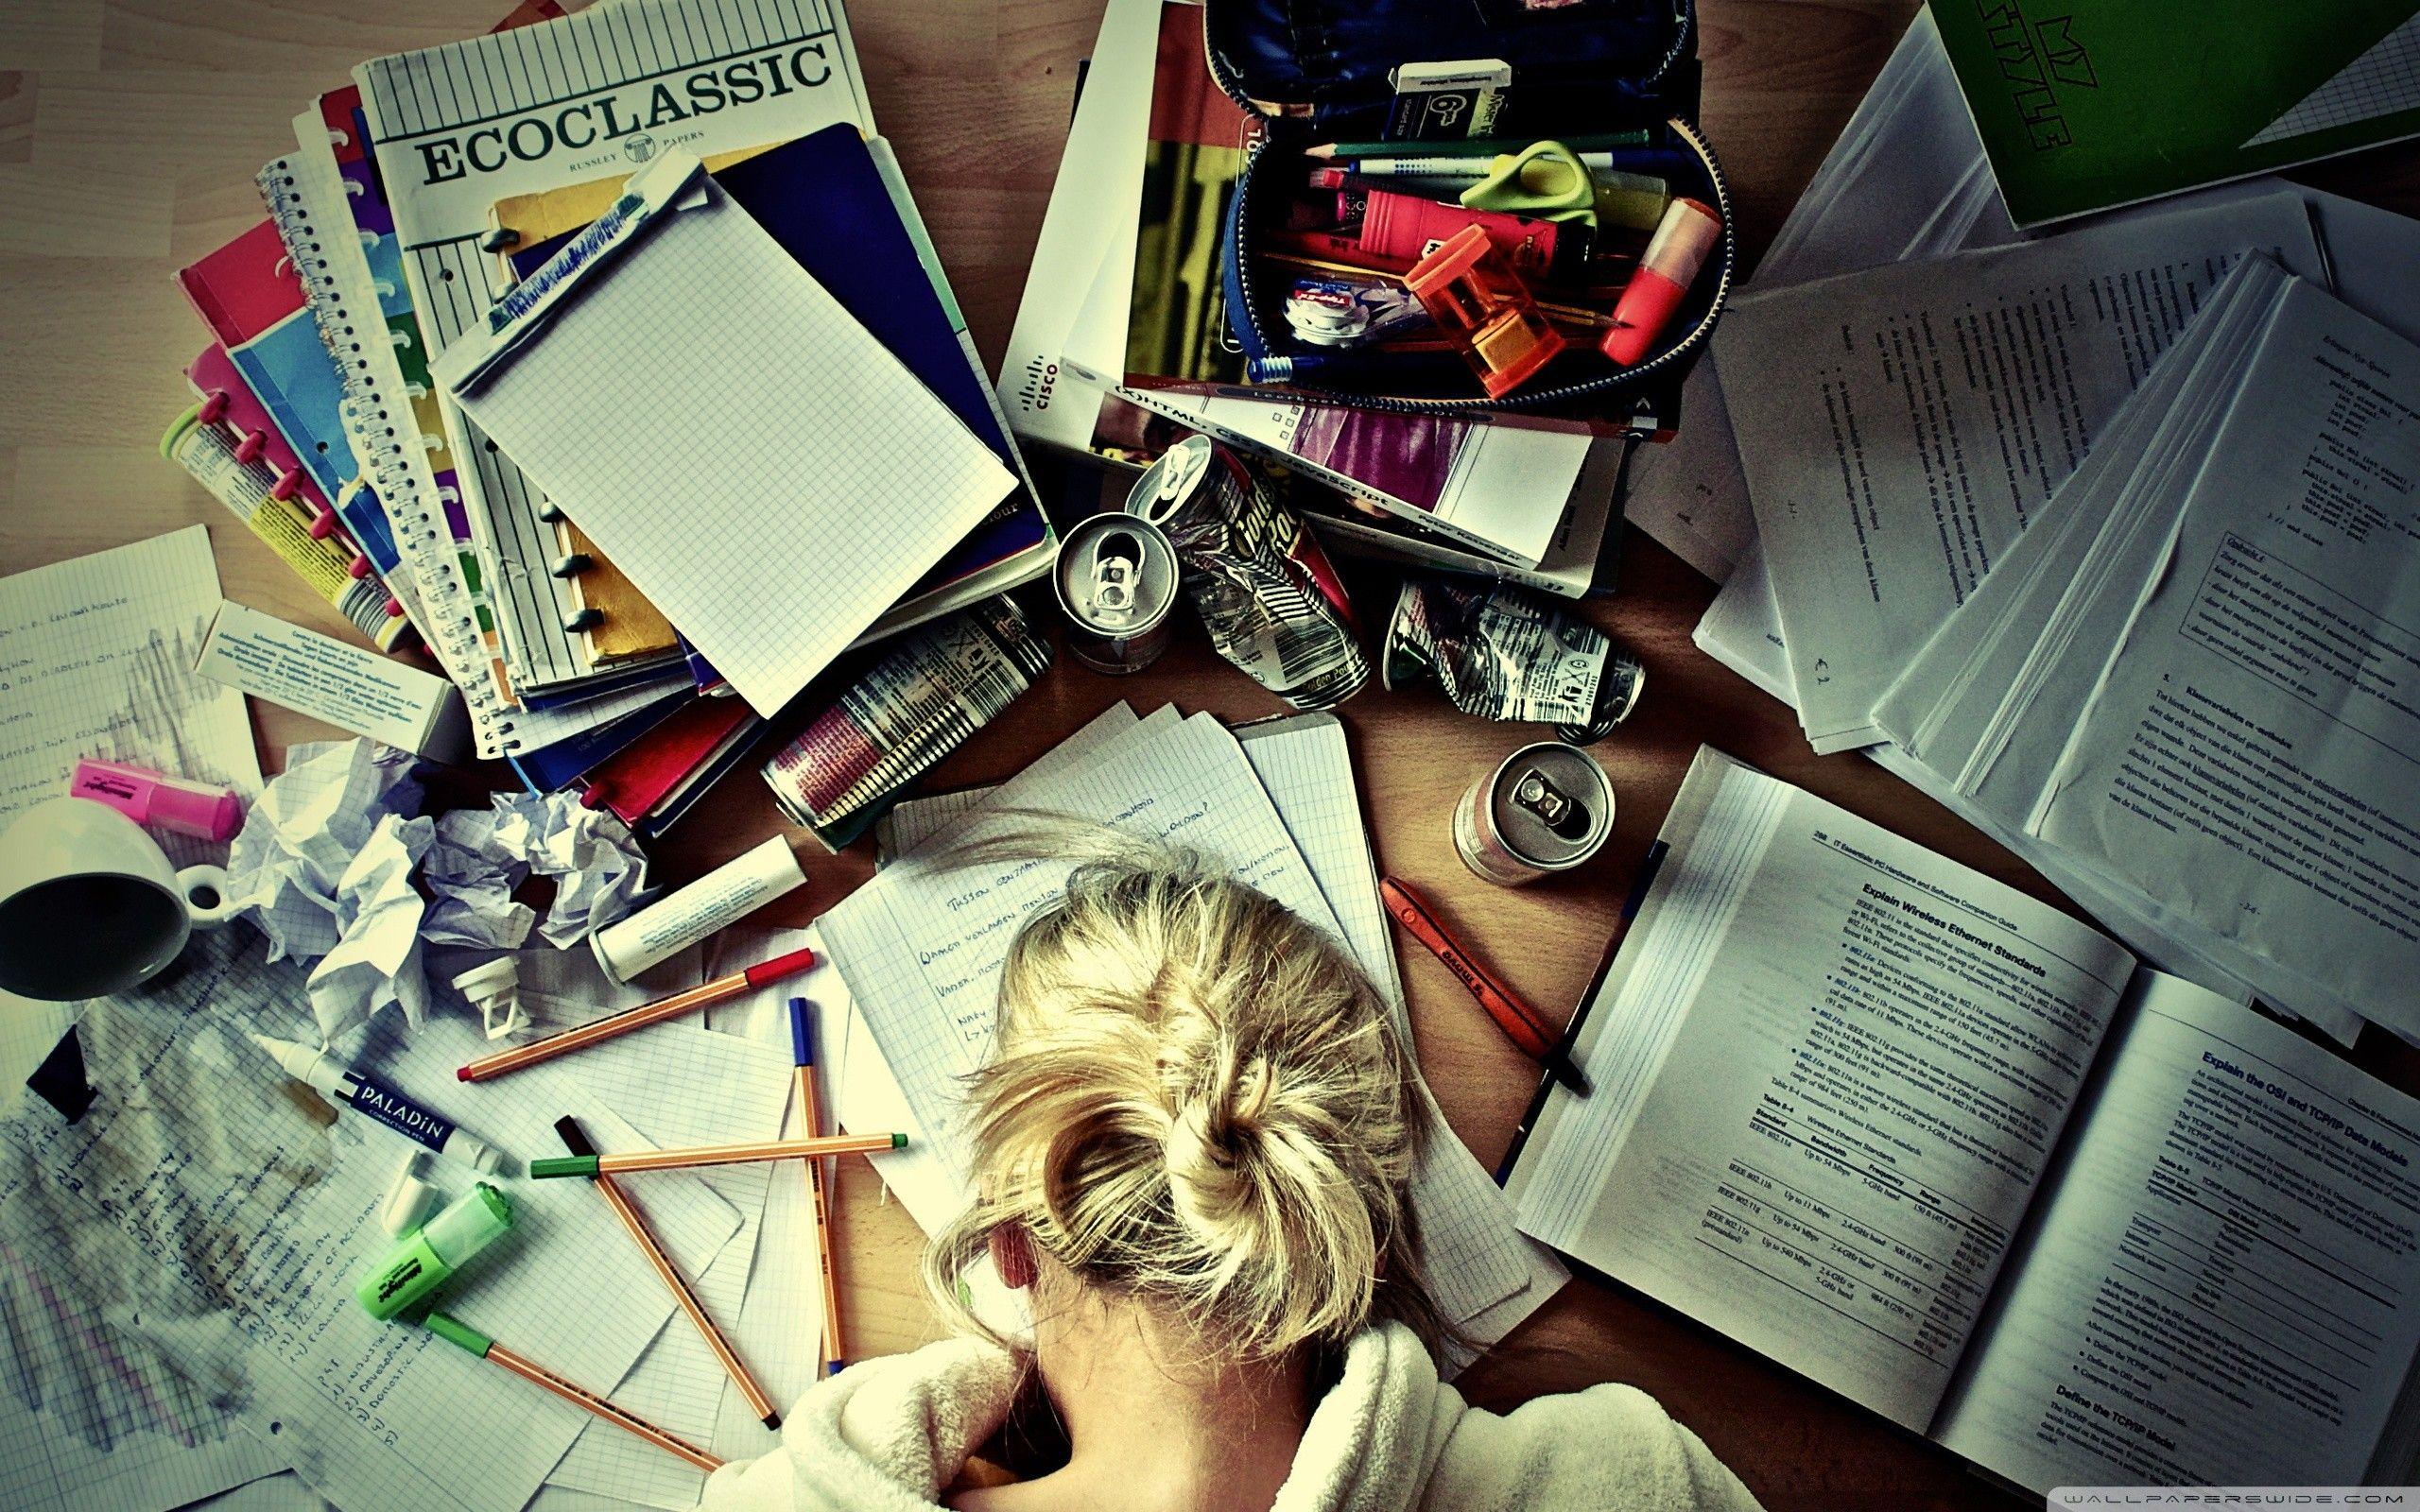 انجام پایان نامه تاریخ و آموزش و نمونه مثال و موضوع در رشته تاریخ